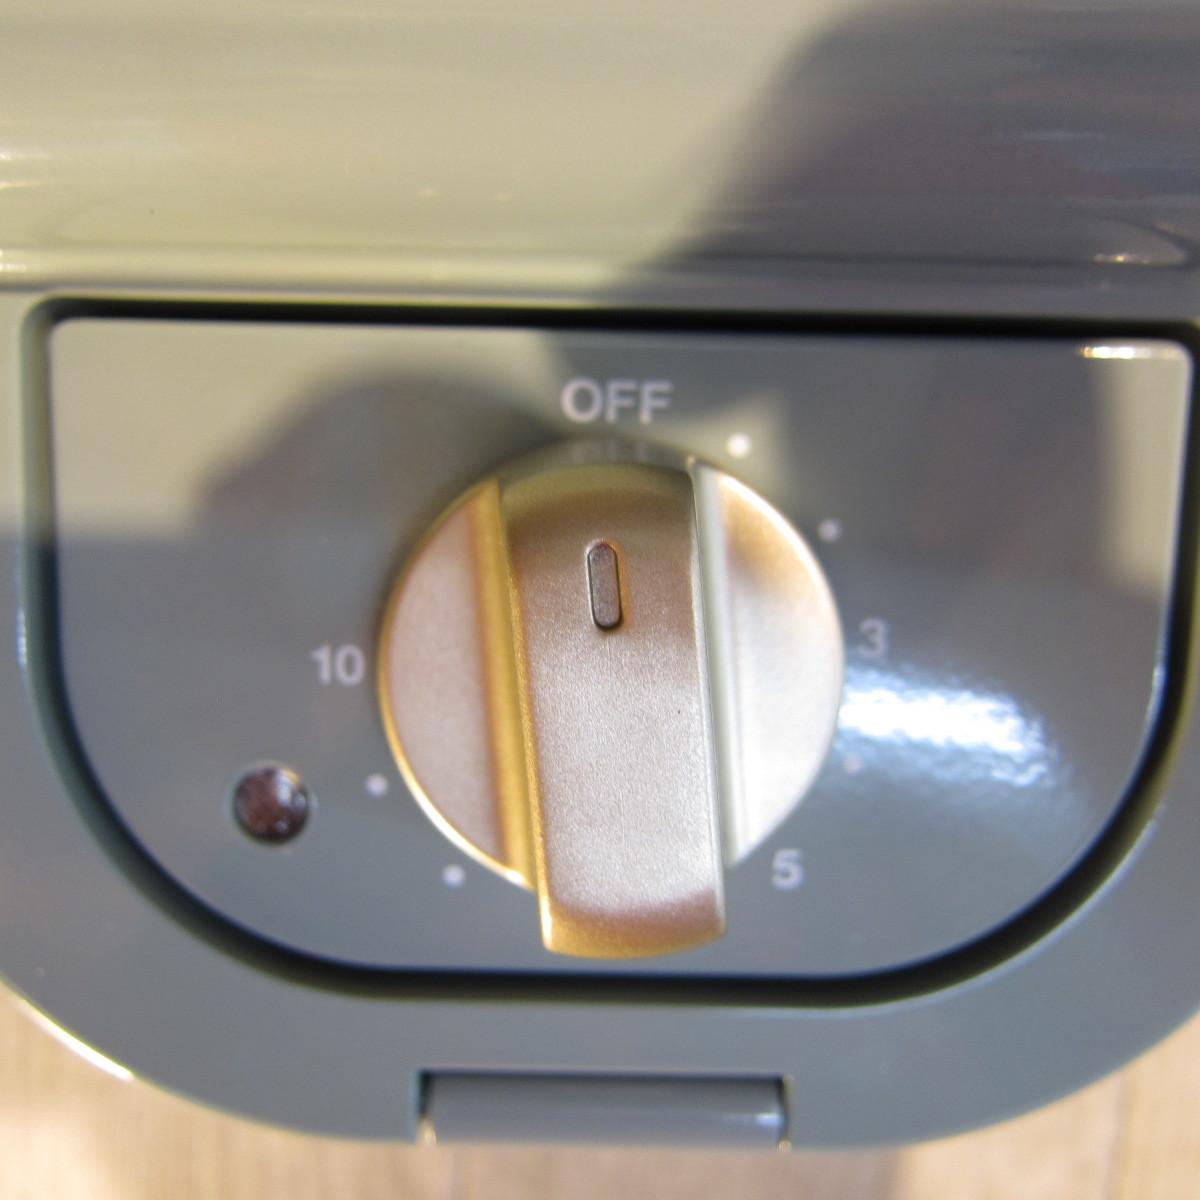 S5017【未使用】ブルーノ BRUNO ホットサンドメーカー 耳まで焼ける 電気 ムーミン シングル ブルーグリーン BOE050-BGR